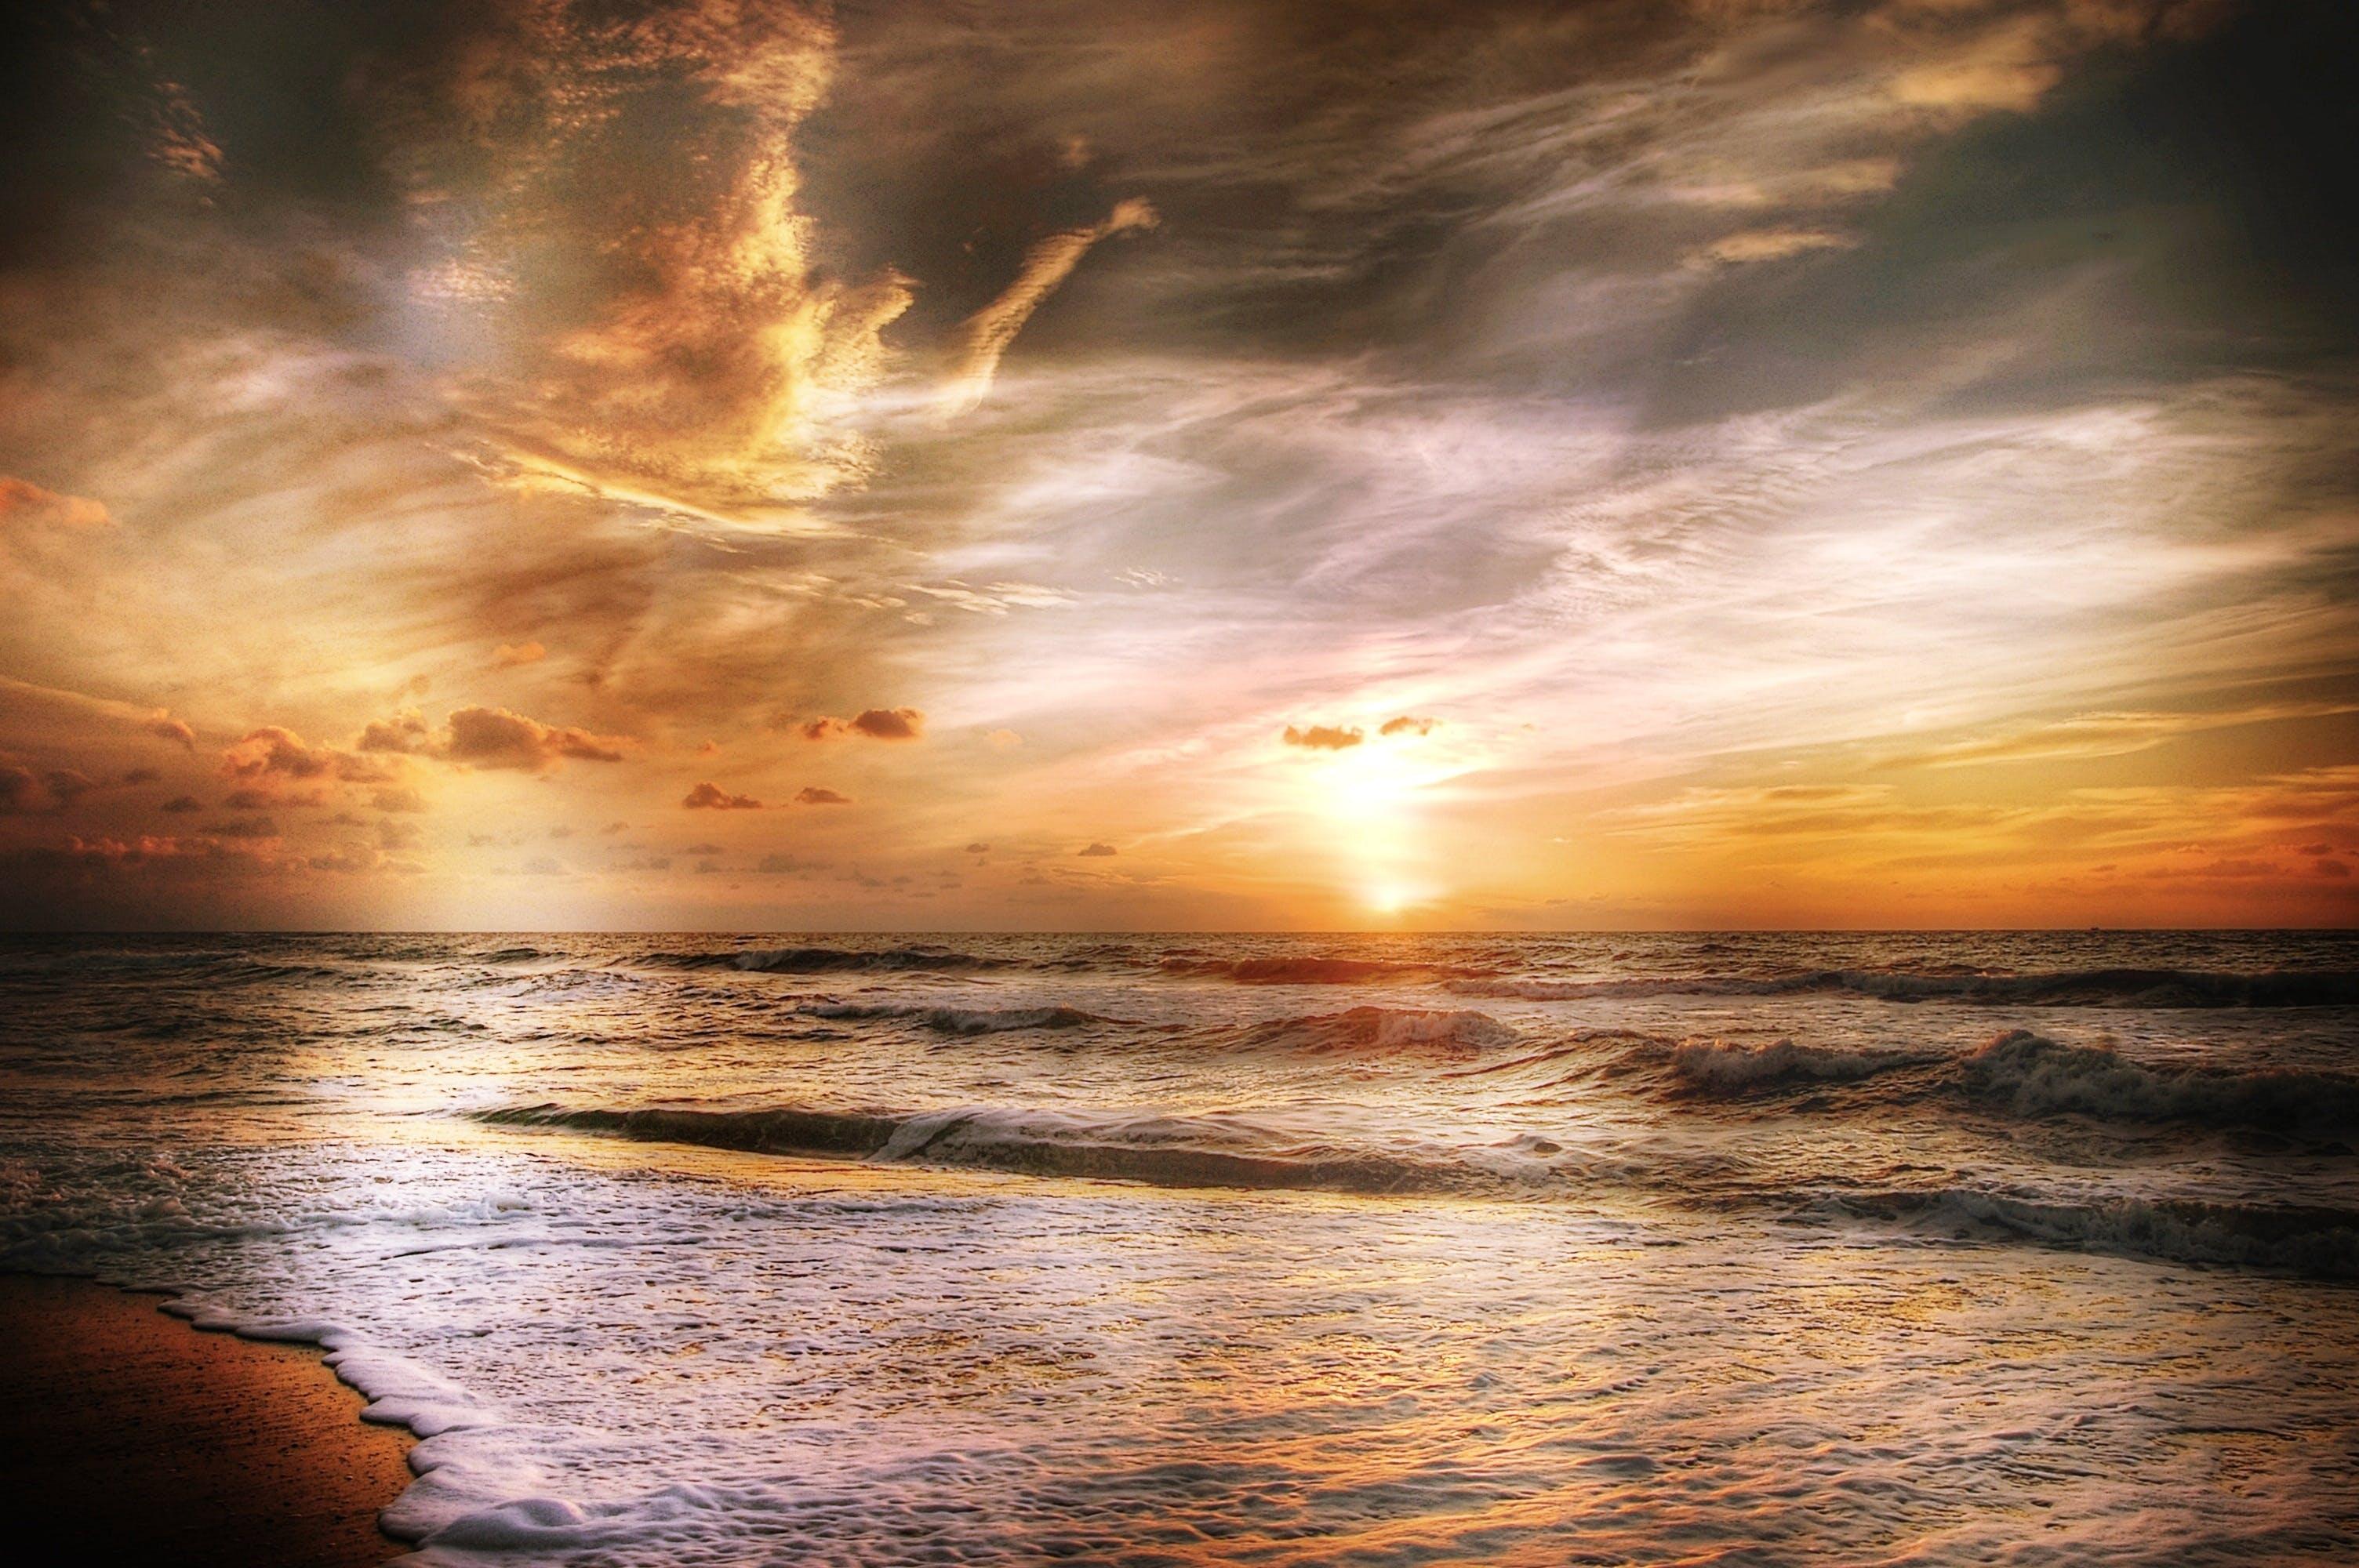 ακτή, ακτίνα ήλιου, άμμος